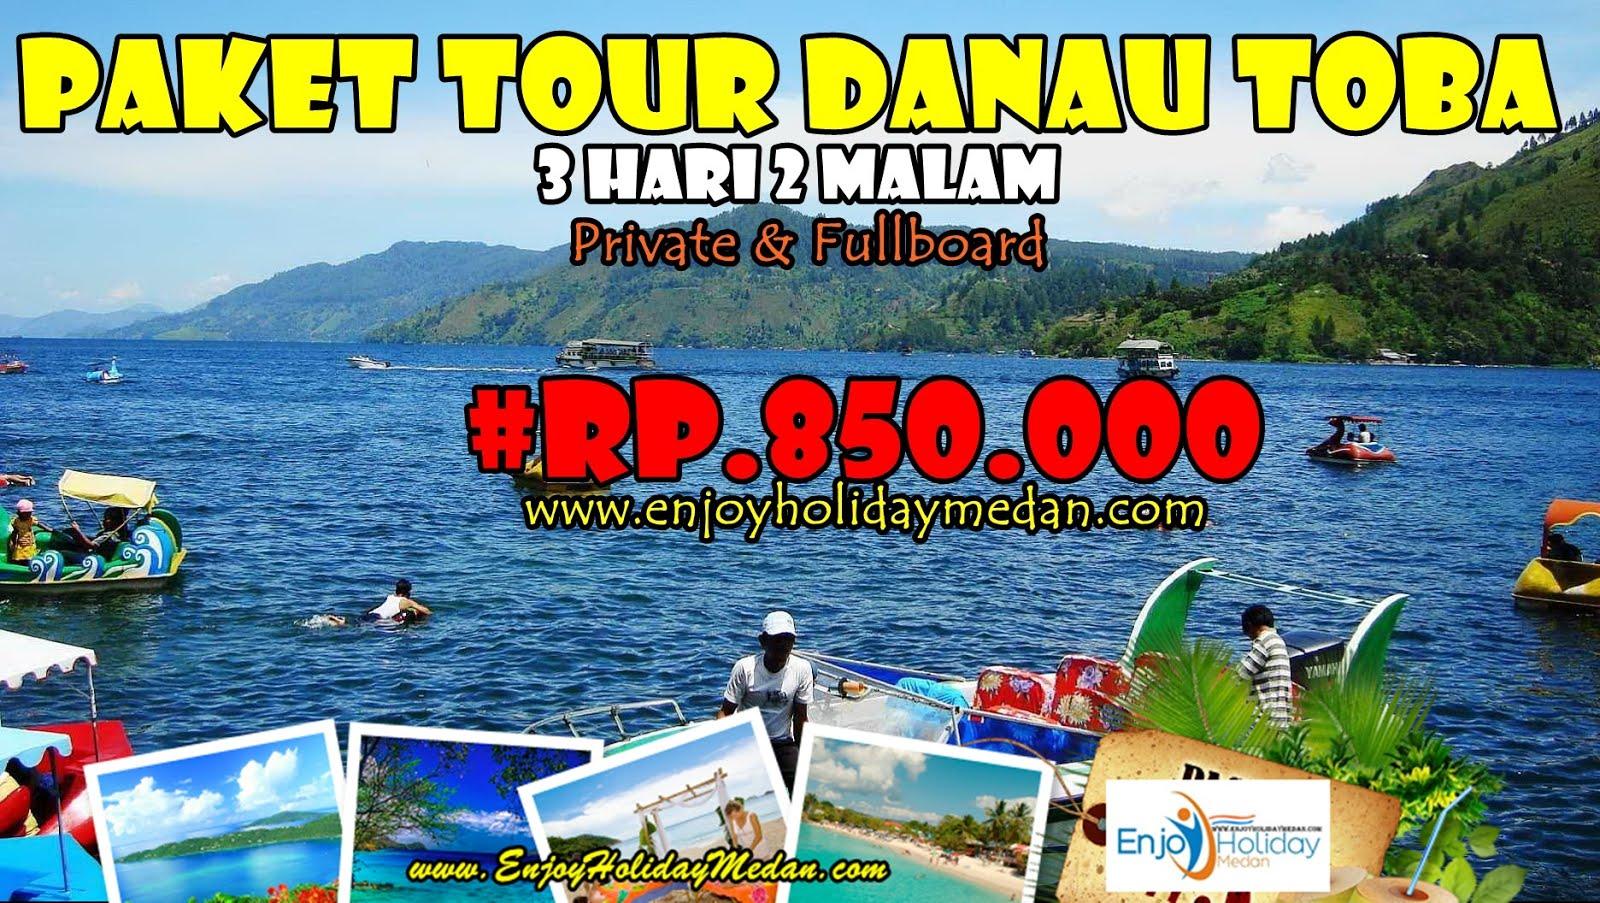 Promo Paket Tour Medan - Berastagi - Parapat - Samosir 3H2M